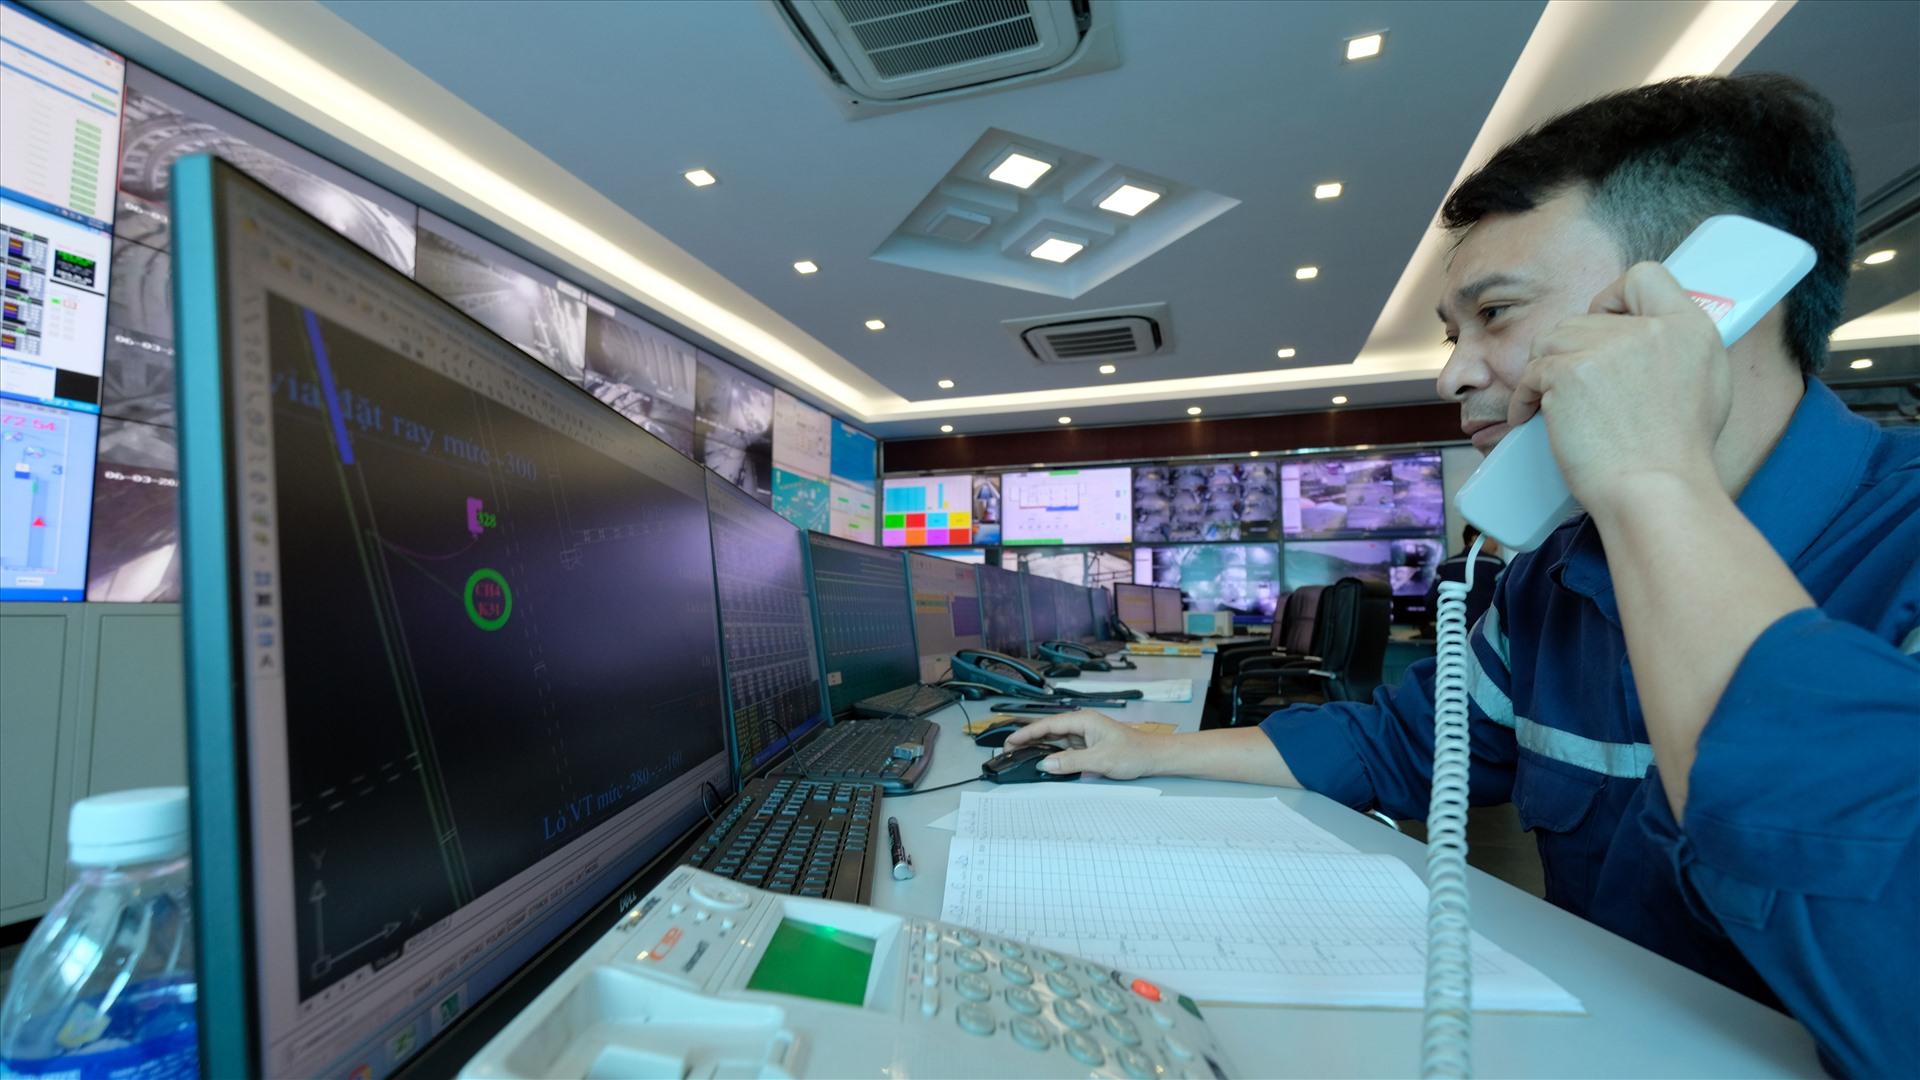 Trung tâm giám sát, điều hành hành toàn bộ hoạt động sản xuất, kiểm soát an toàn khí mỏ kết nối liên thông hiện đại bậc nhất ngành Than của Hà Lầm.